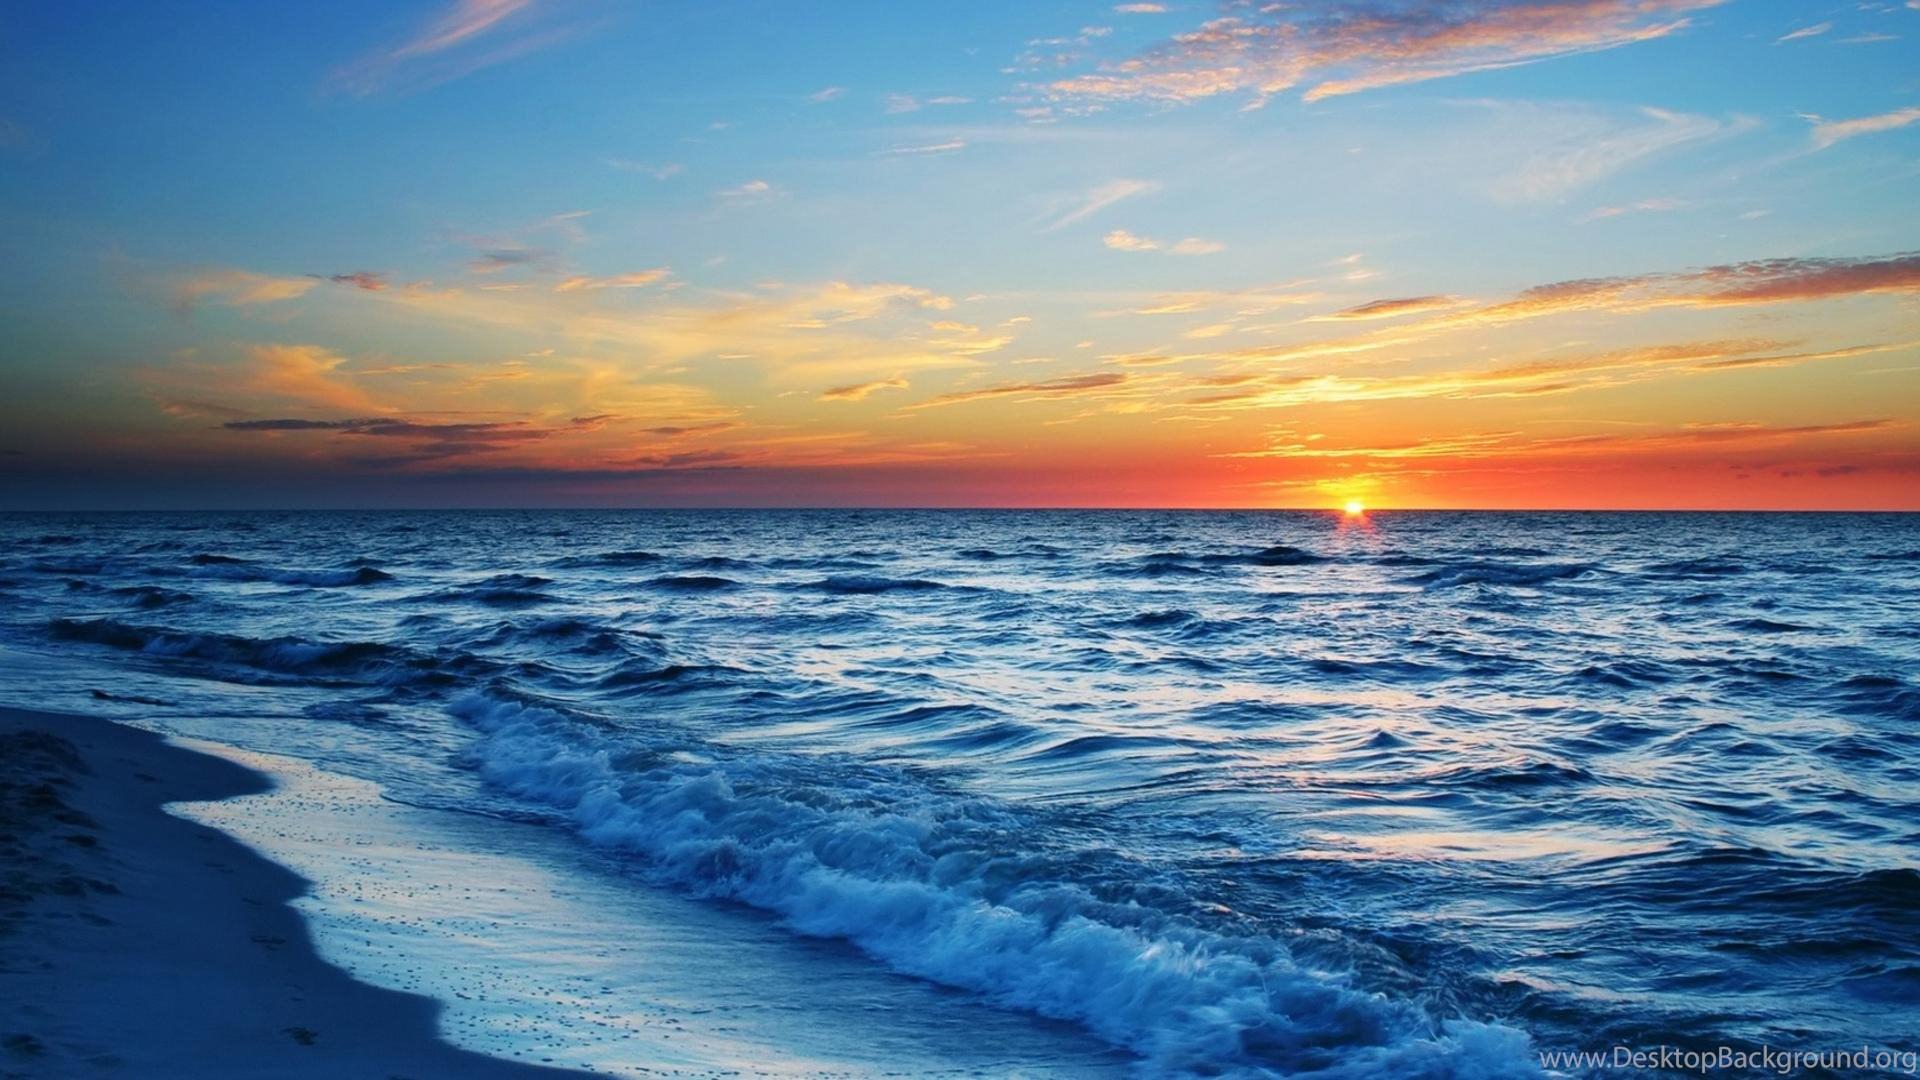 116205 ocean sunset desktop wallpaper ocean sunset